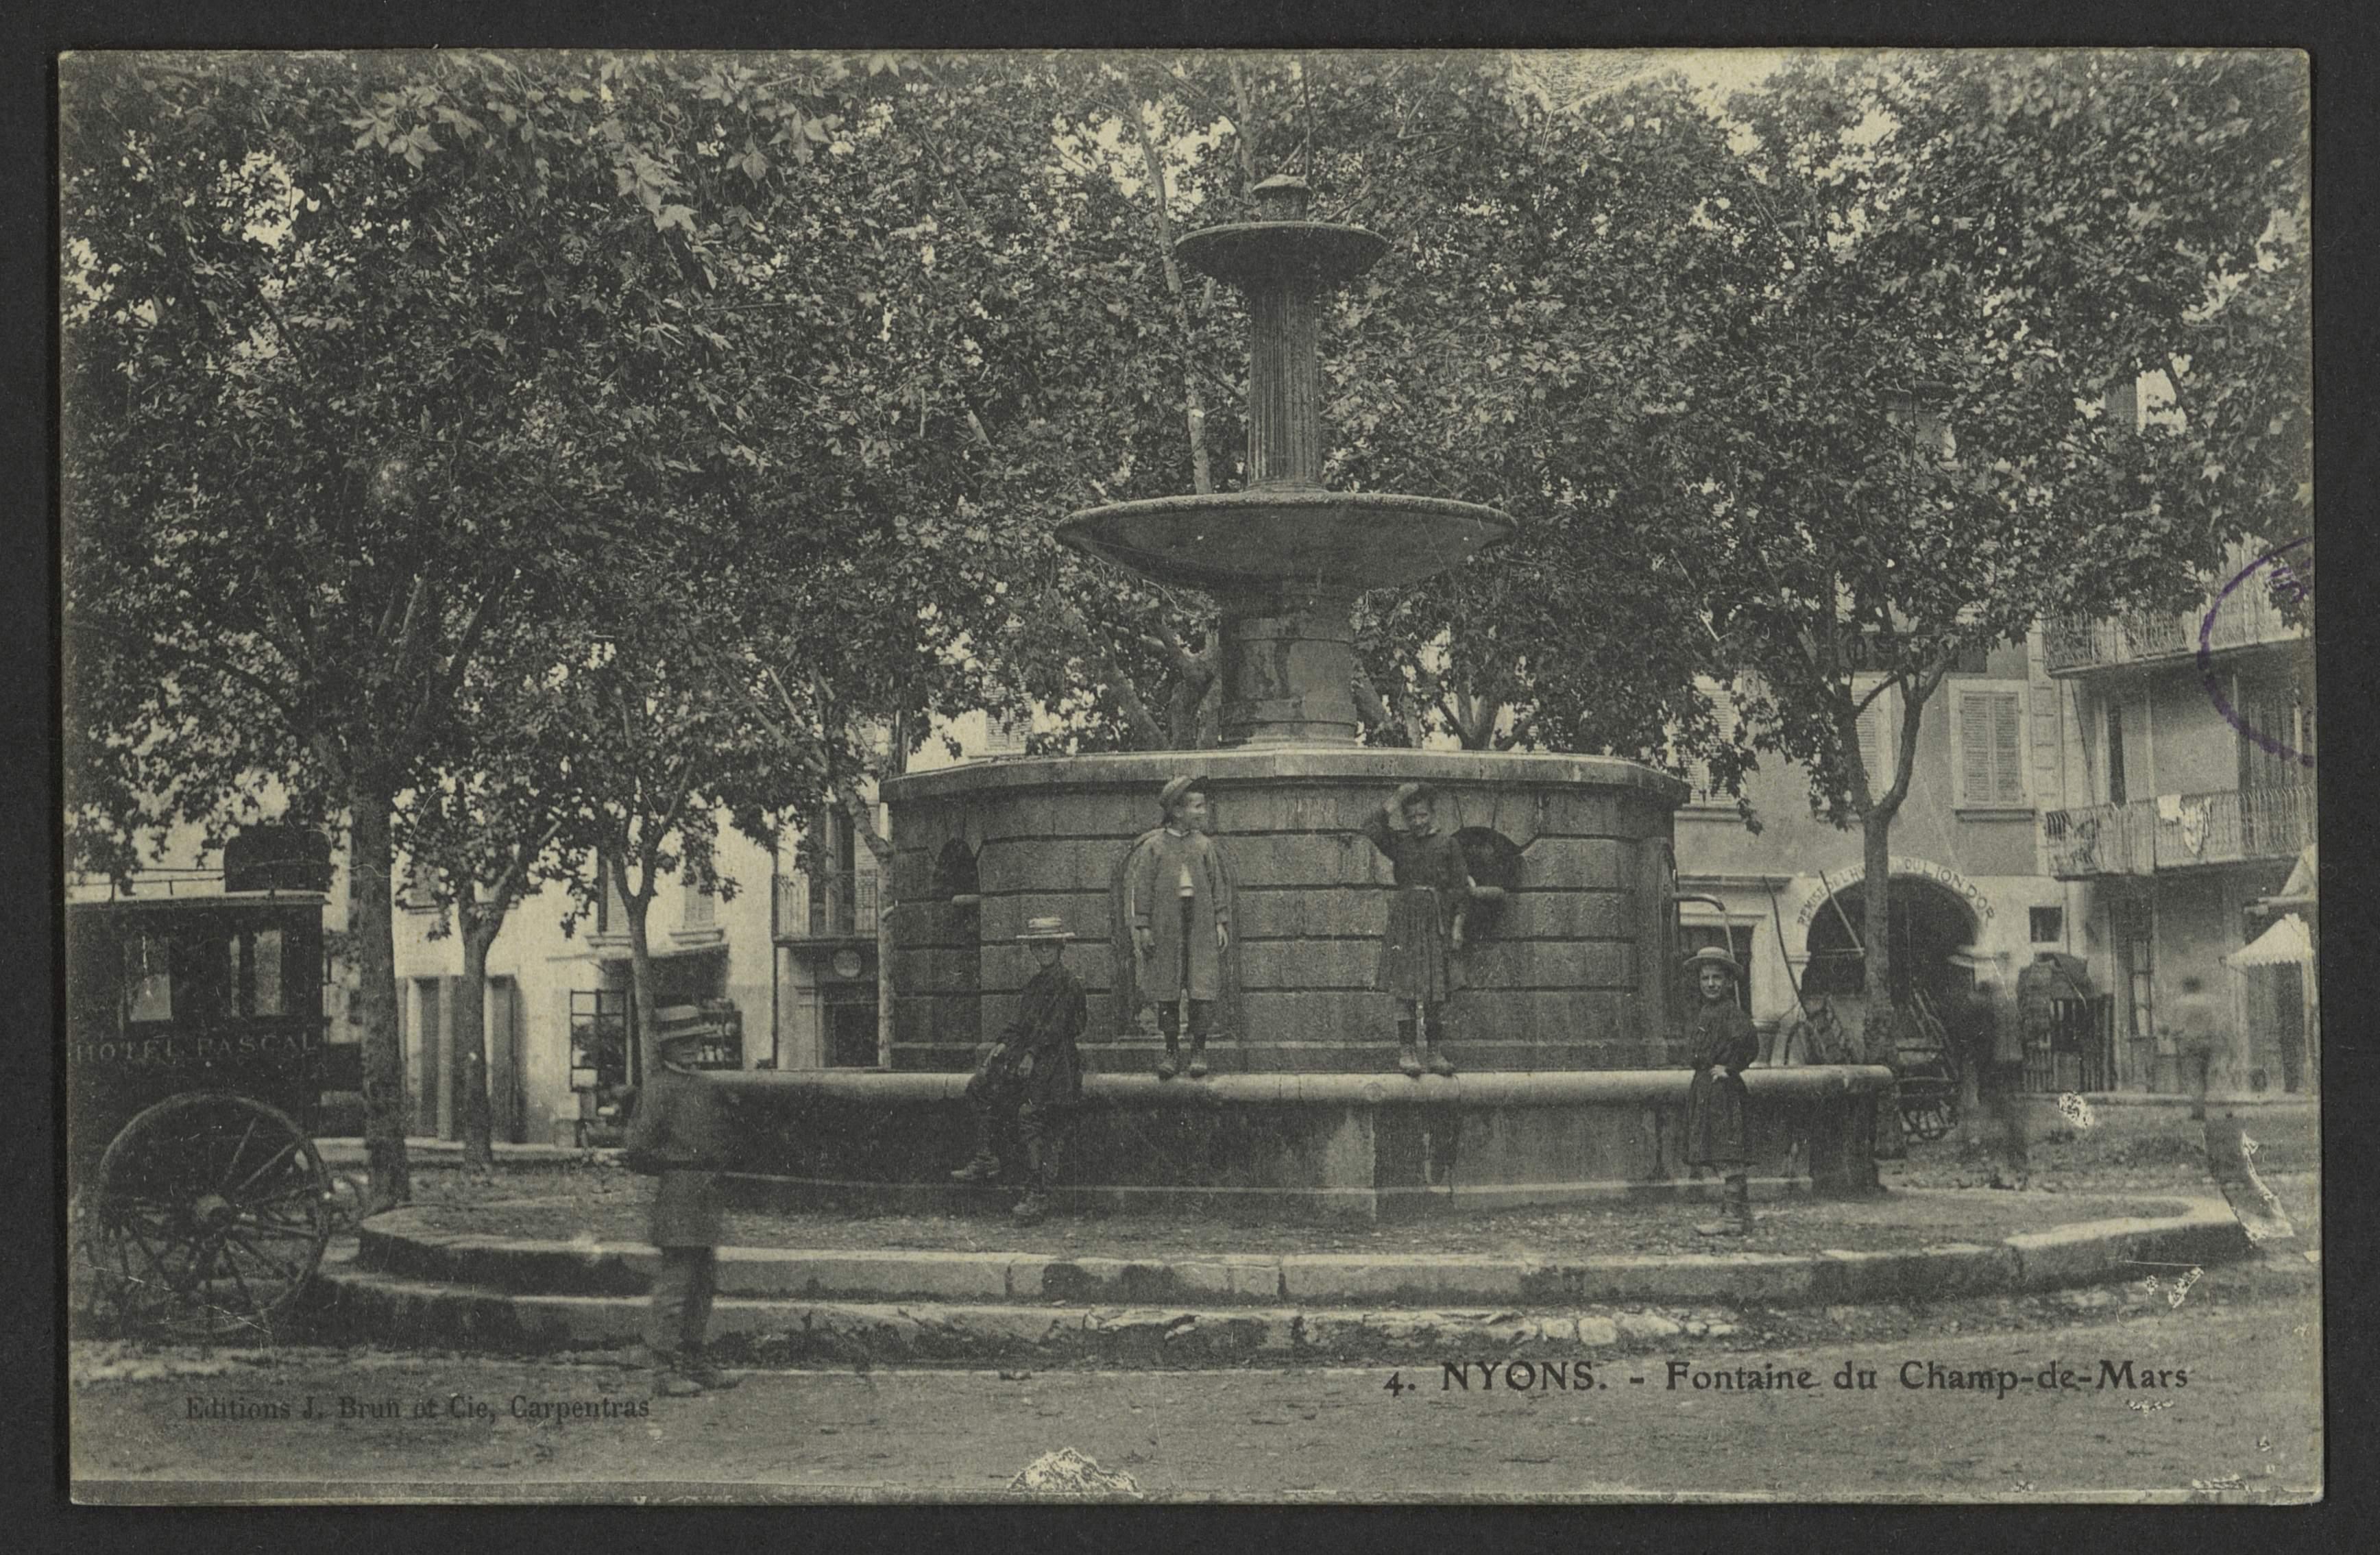 File:Nyons - Fontaine du champs-de-Mars (34569912145).jpg ...